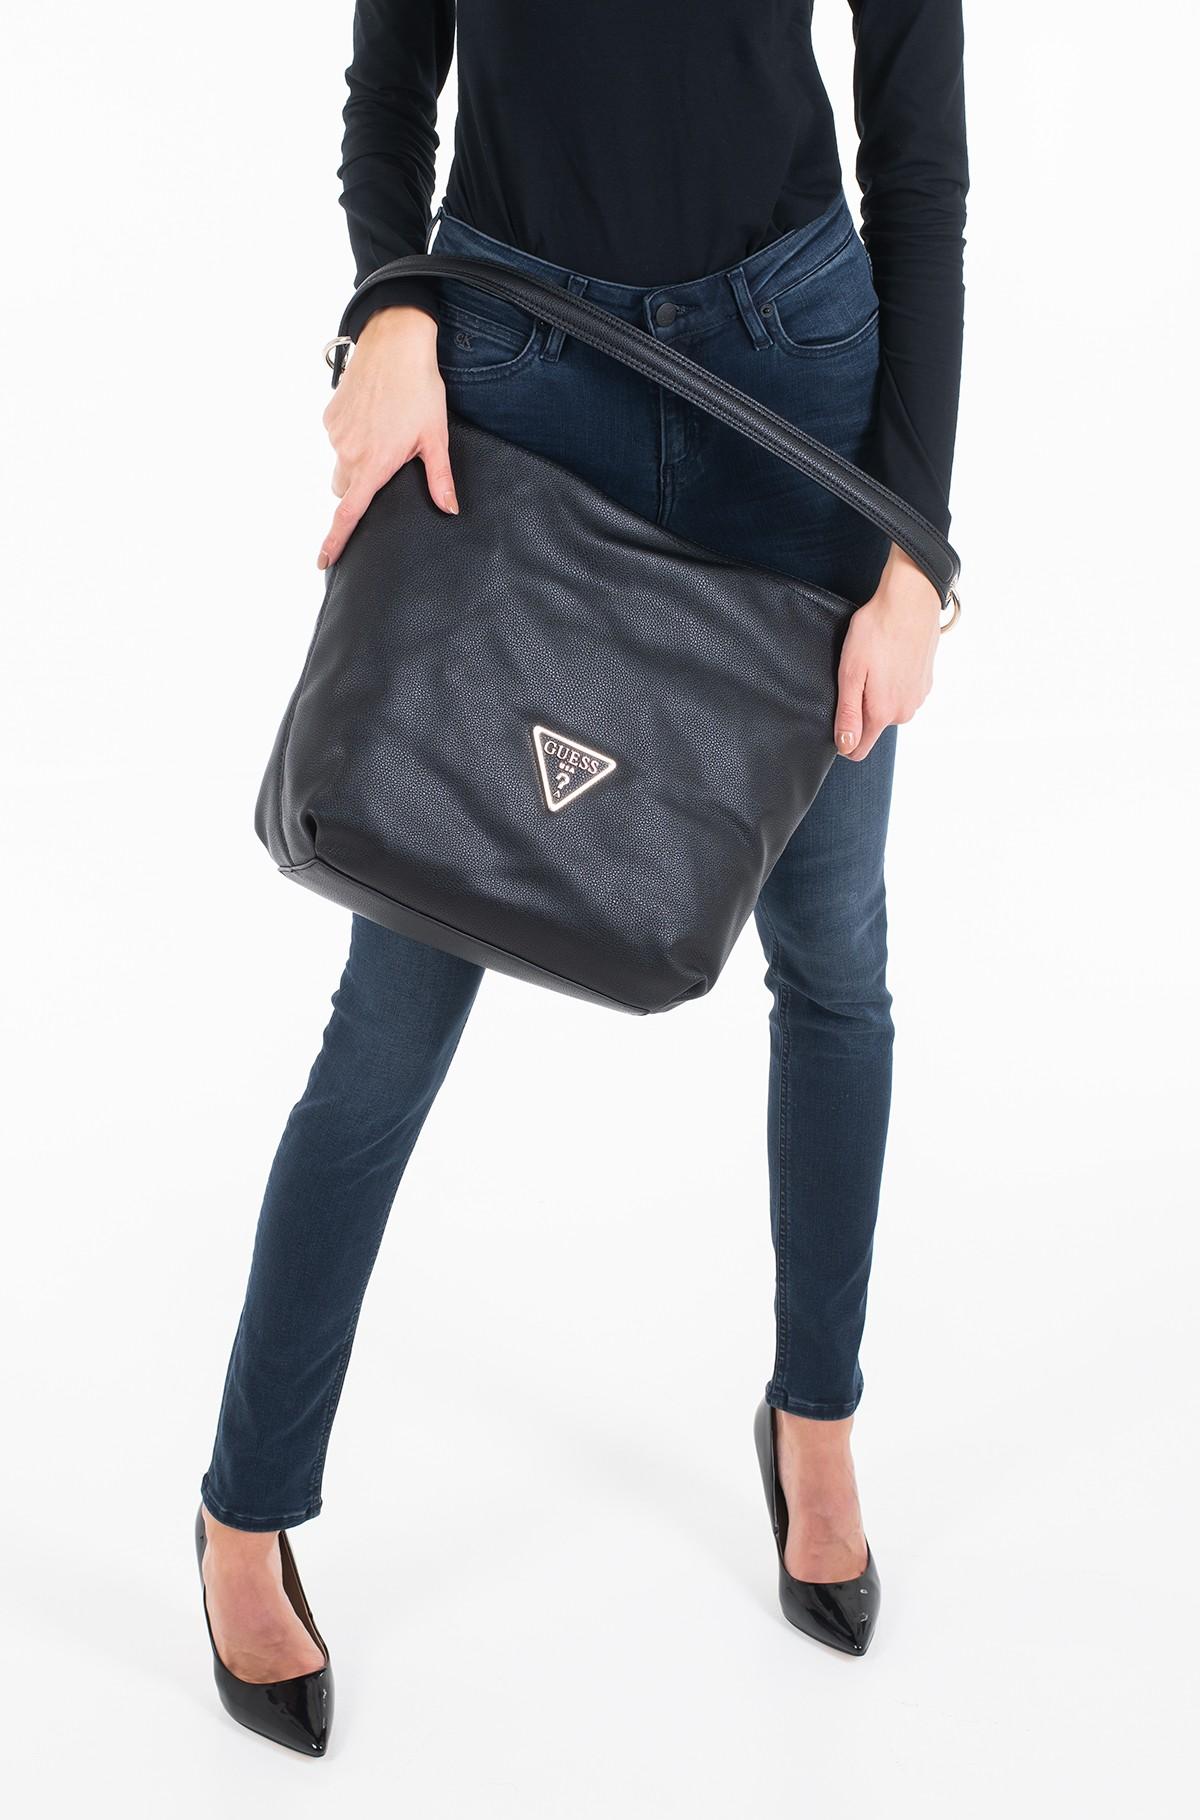 Handbag HWVG75 84020-full-1